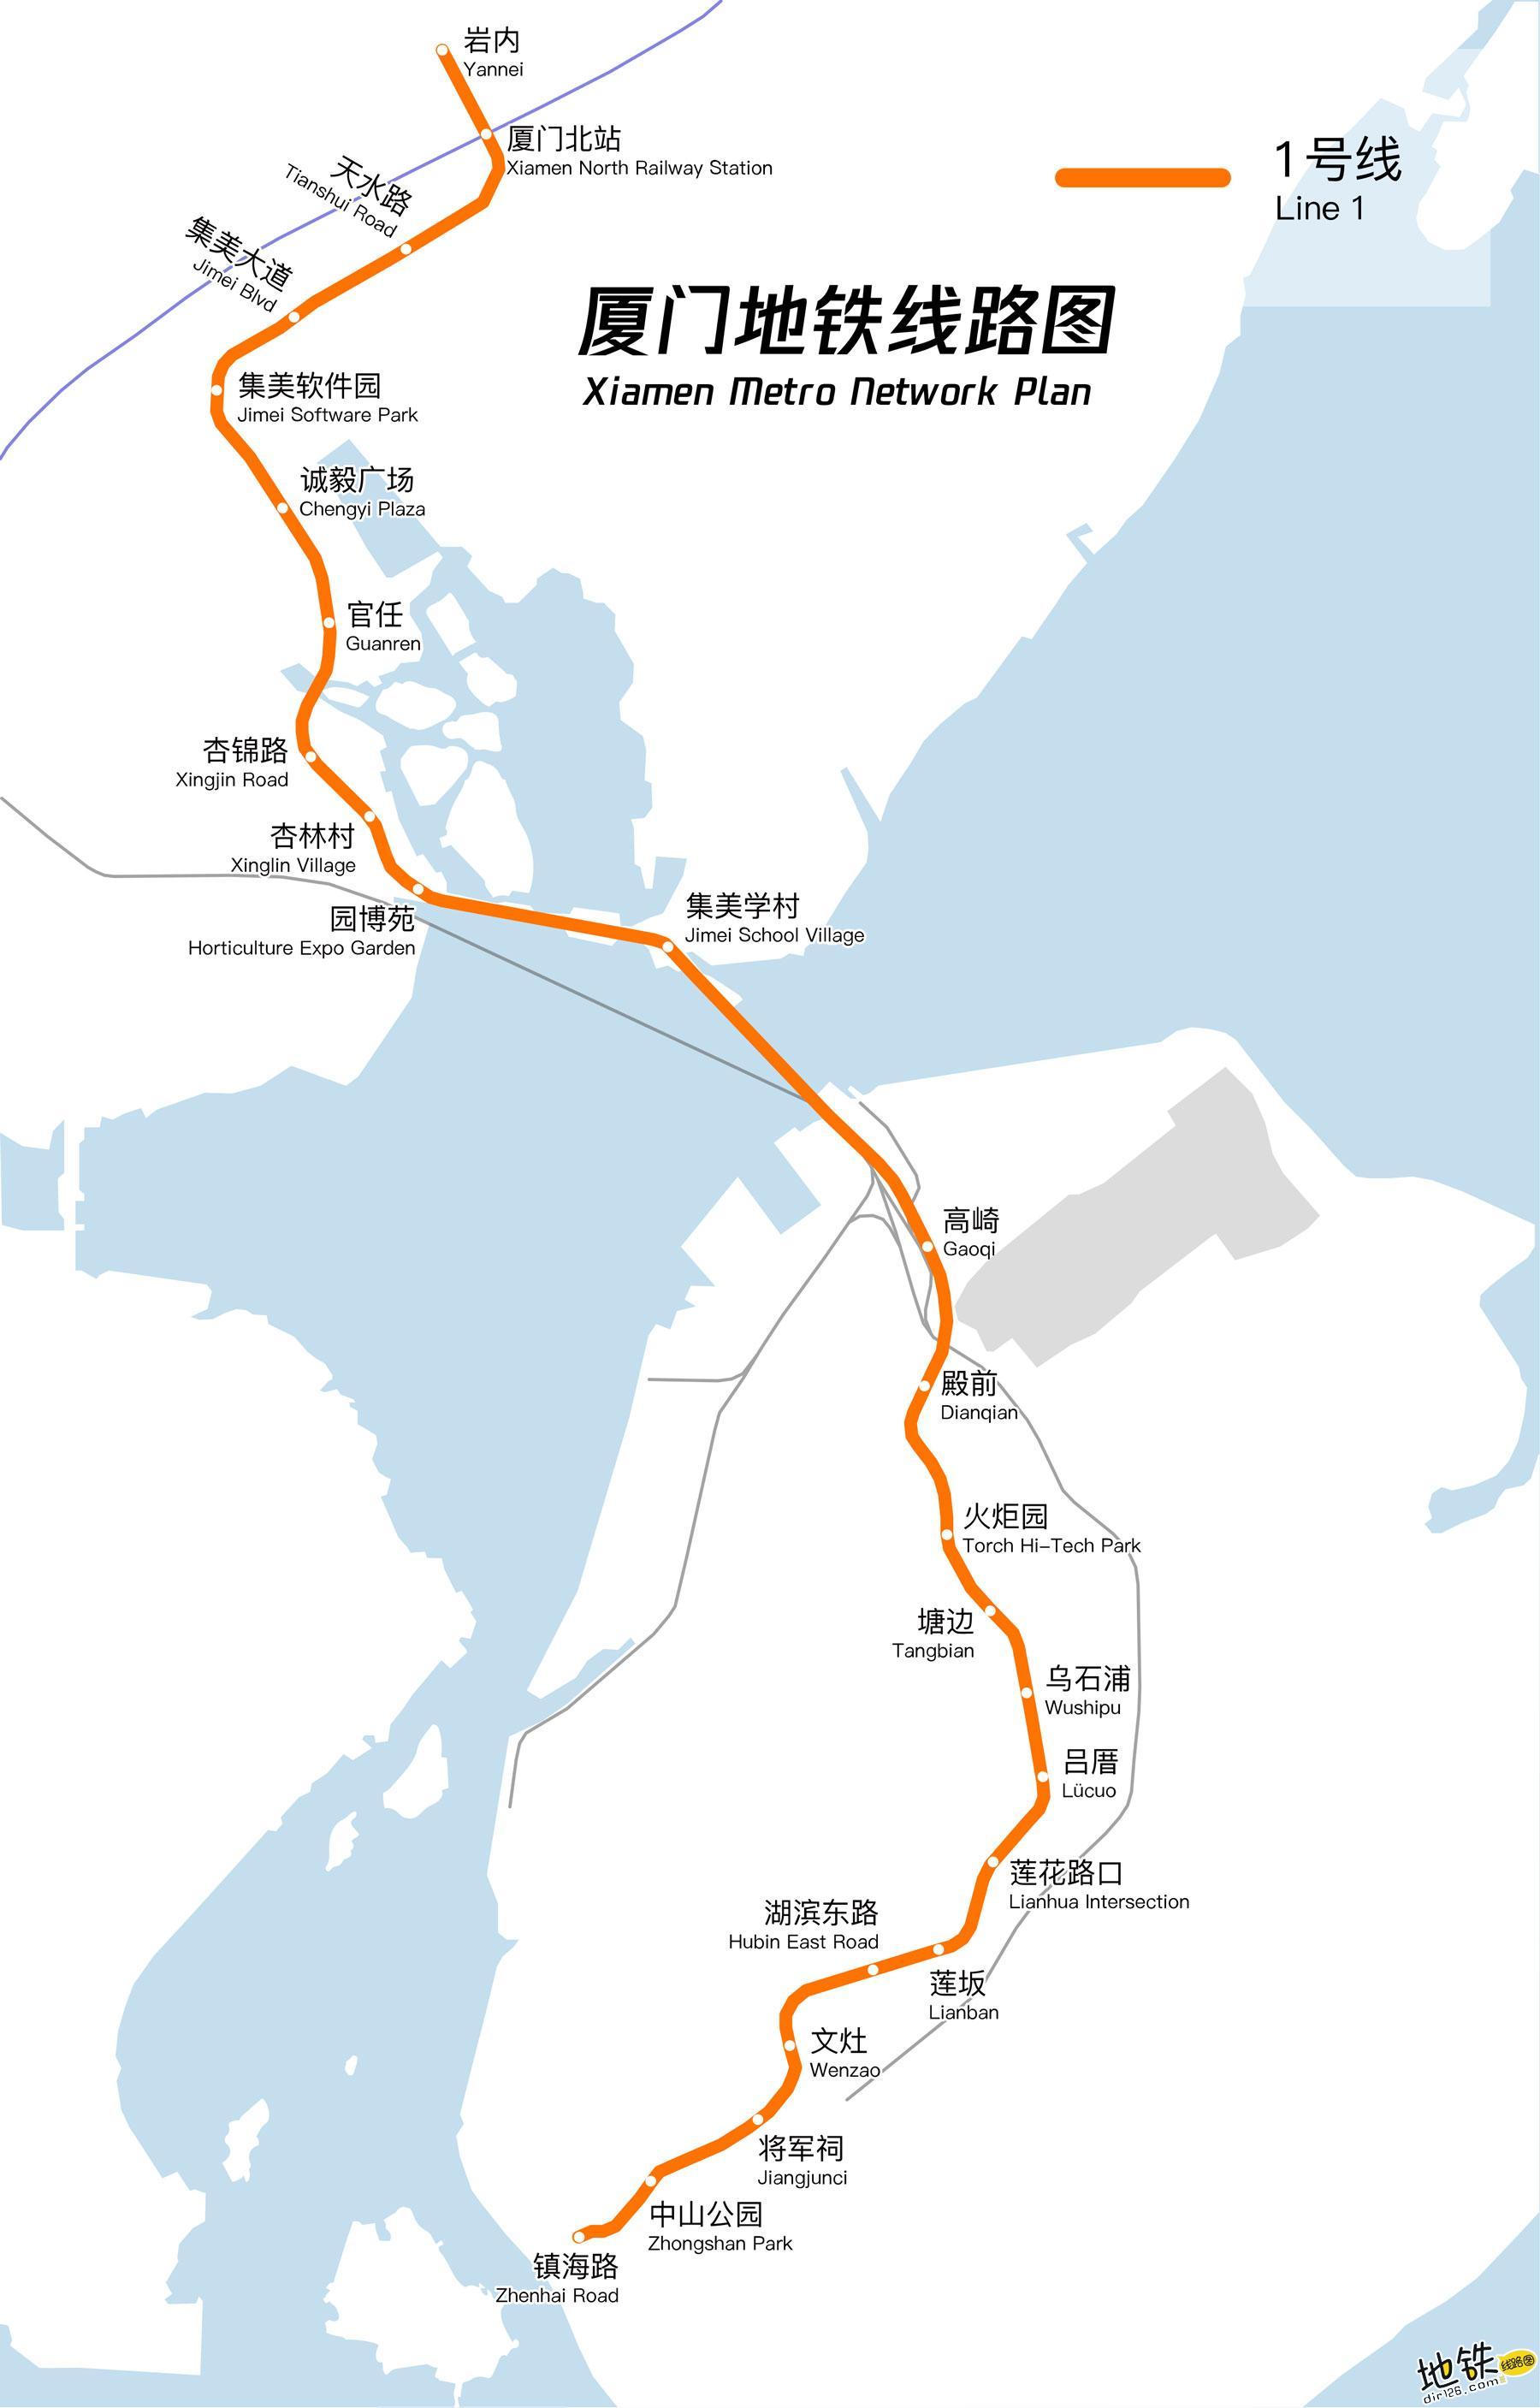 厦门地铁线路图 运营时间票价站点 查询下载 厦门地铁查询 厦门地铁线路图 厦门地铁票价 厦门地铁运营时间 厦门地铁 厦门地铁线路图  第1张